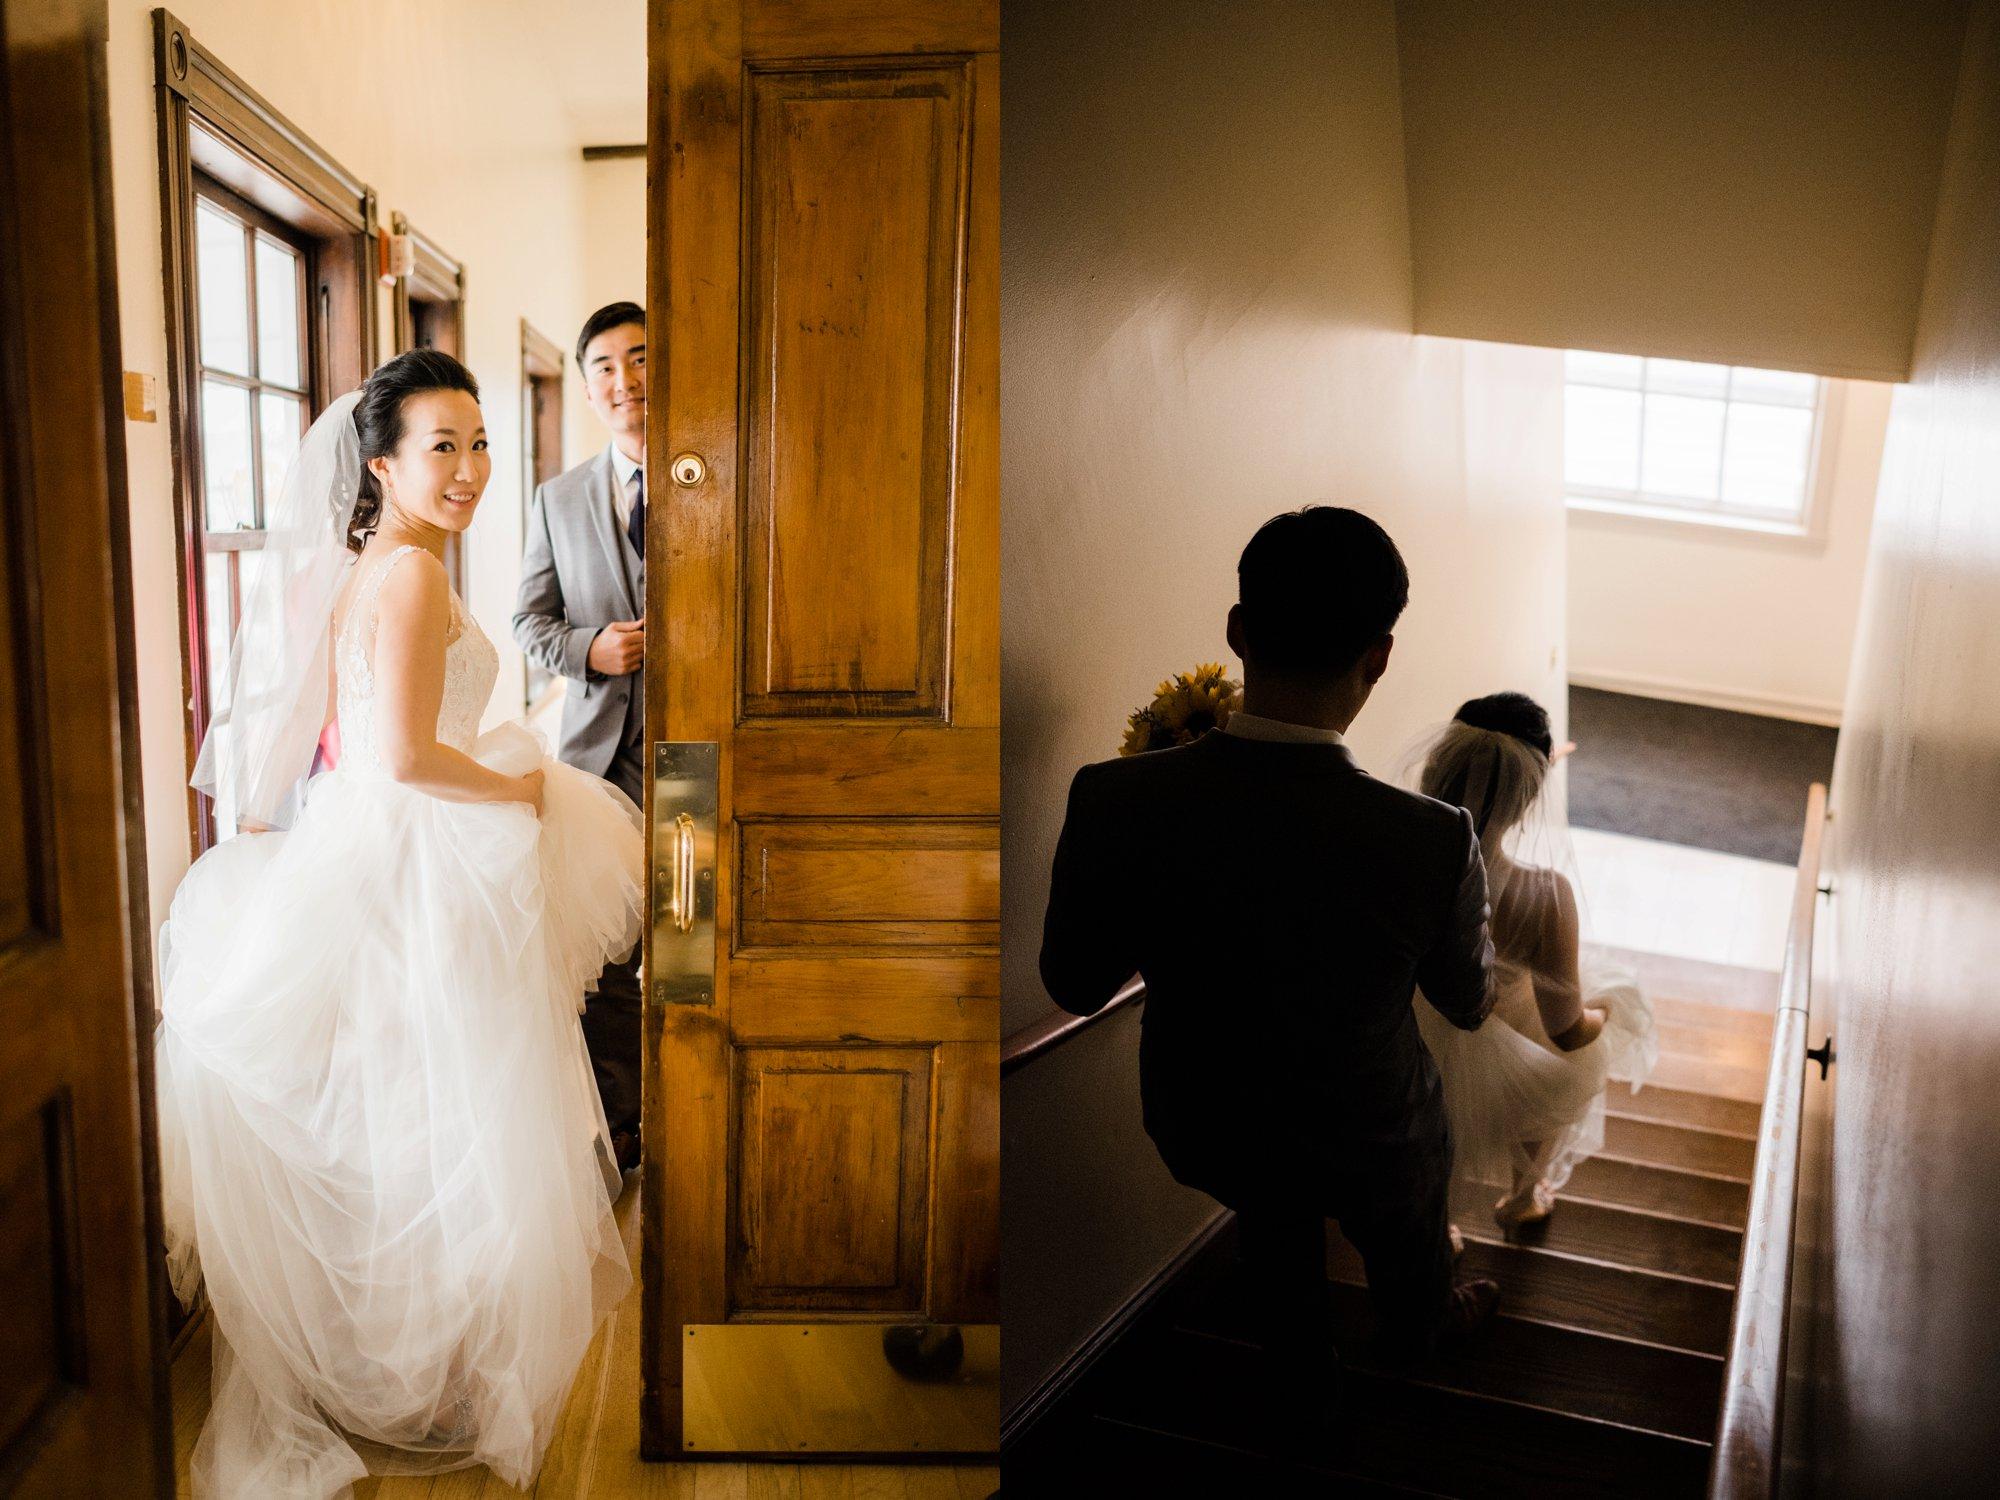 fairfax-dc-wedding-old-city-hall_0079.jpg